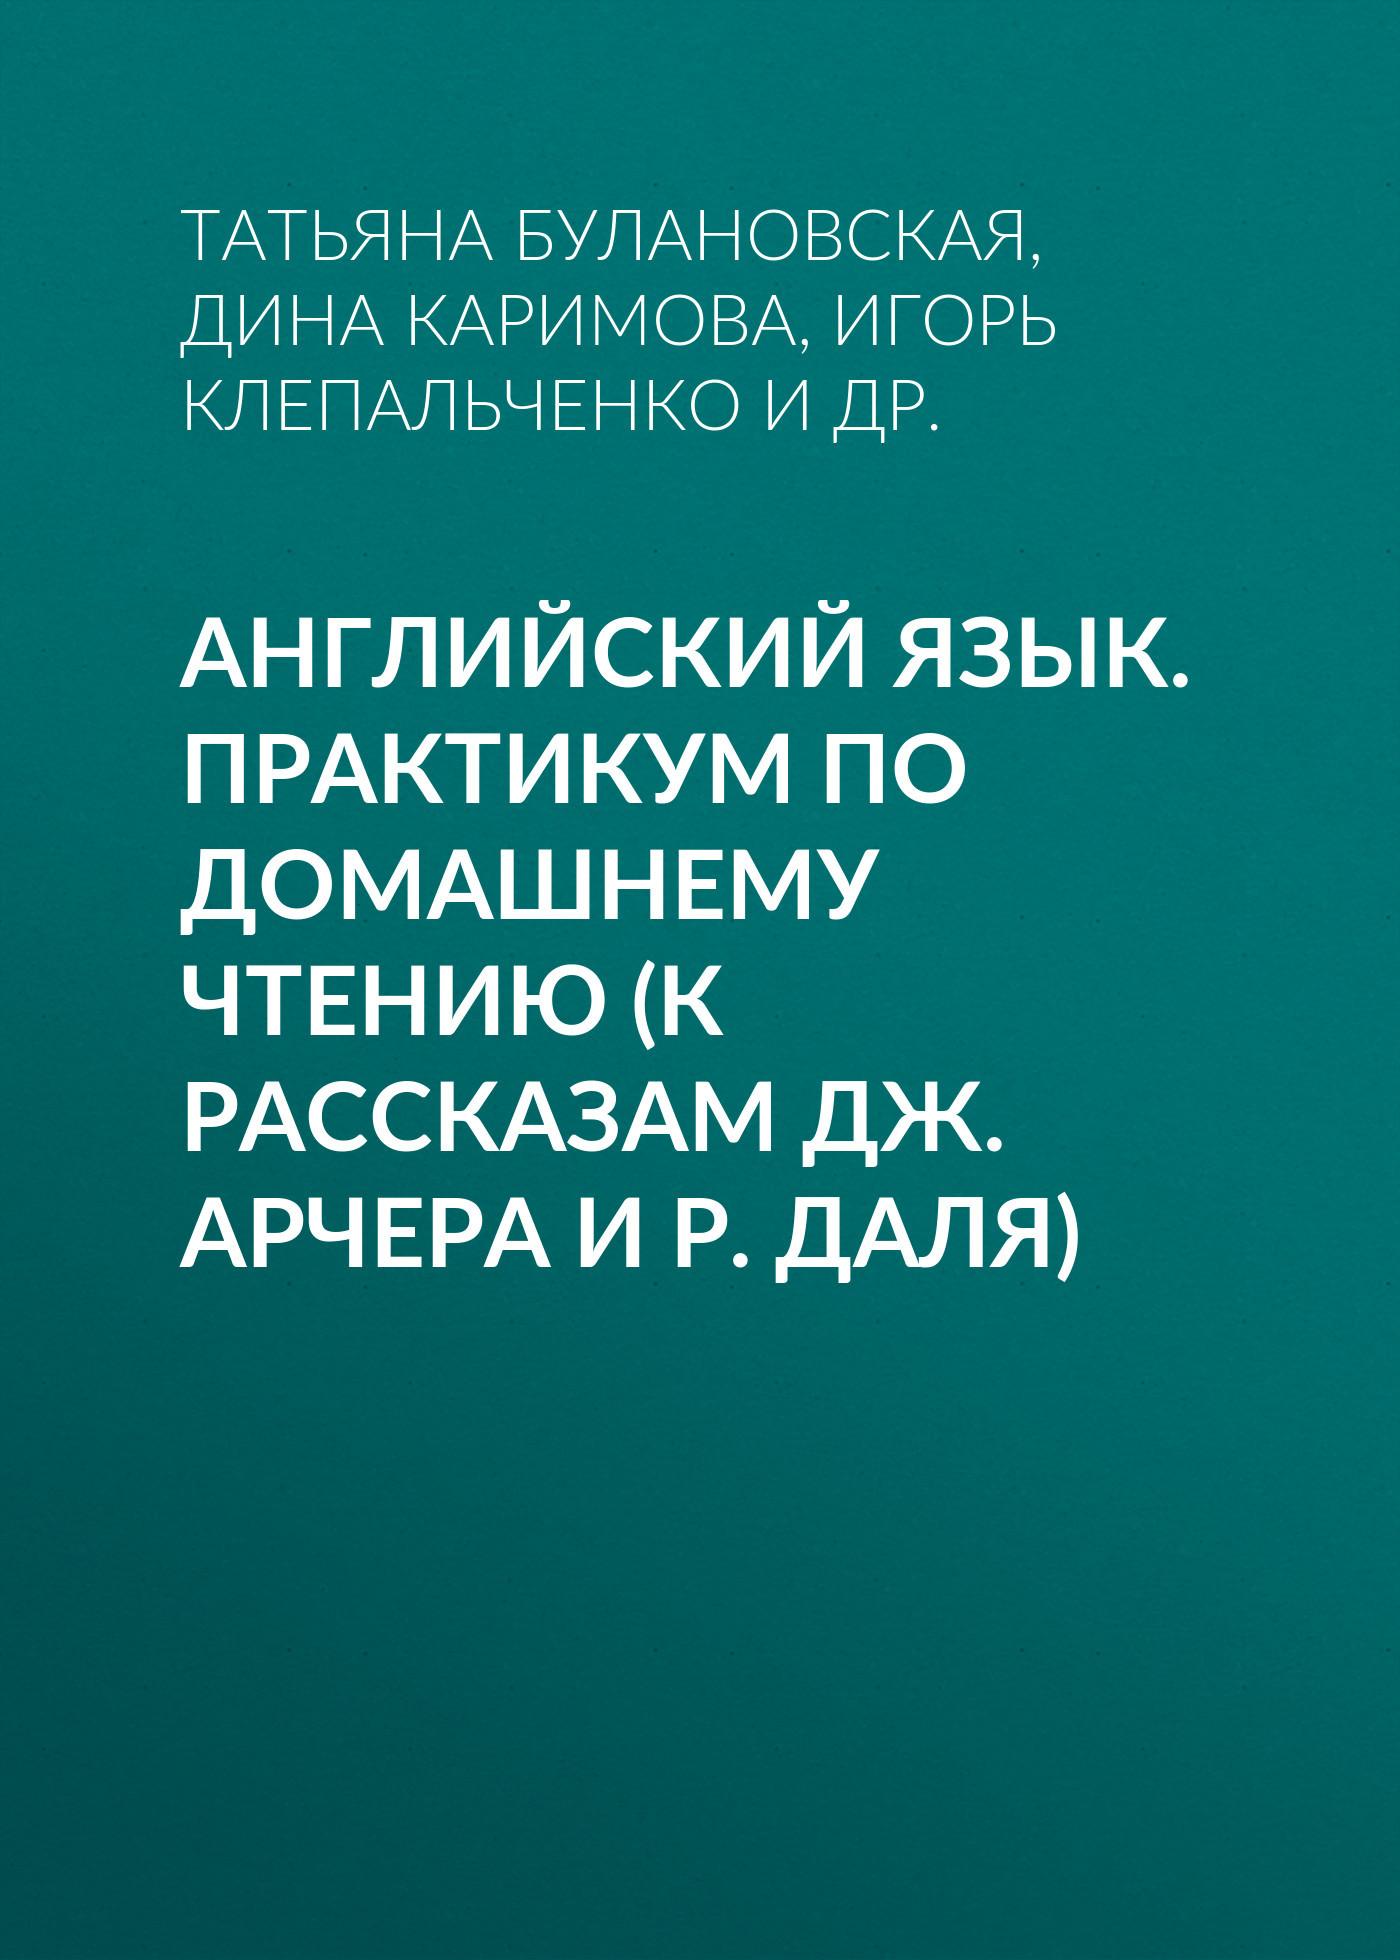 Игорь Клепальченко Английский язык. Практикум по домашнему чтению (к рассказам Дж. Арчера и Р. Даля)